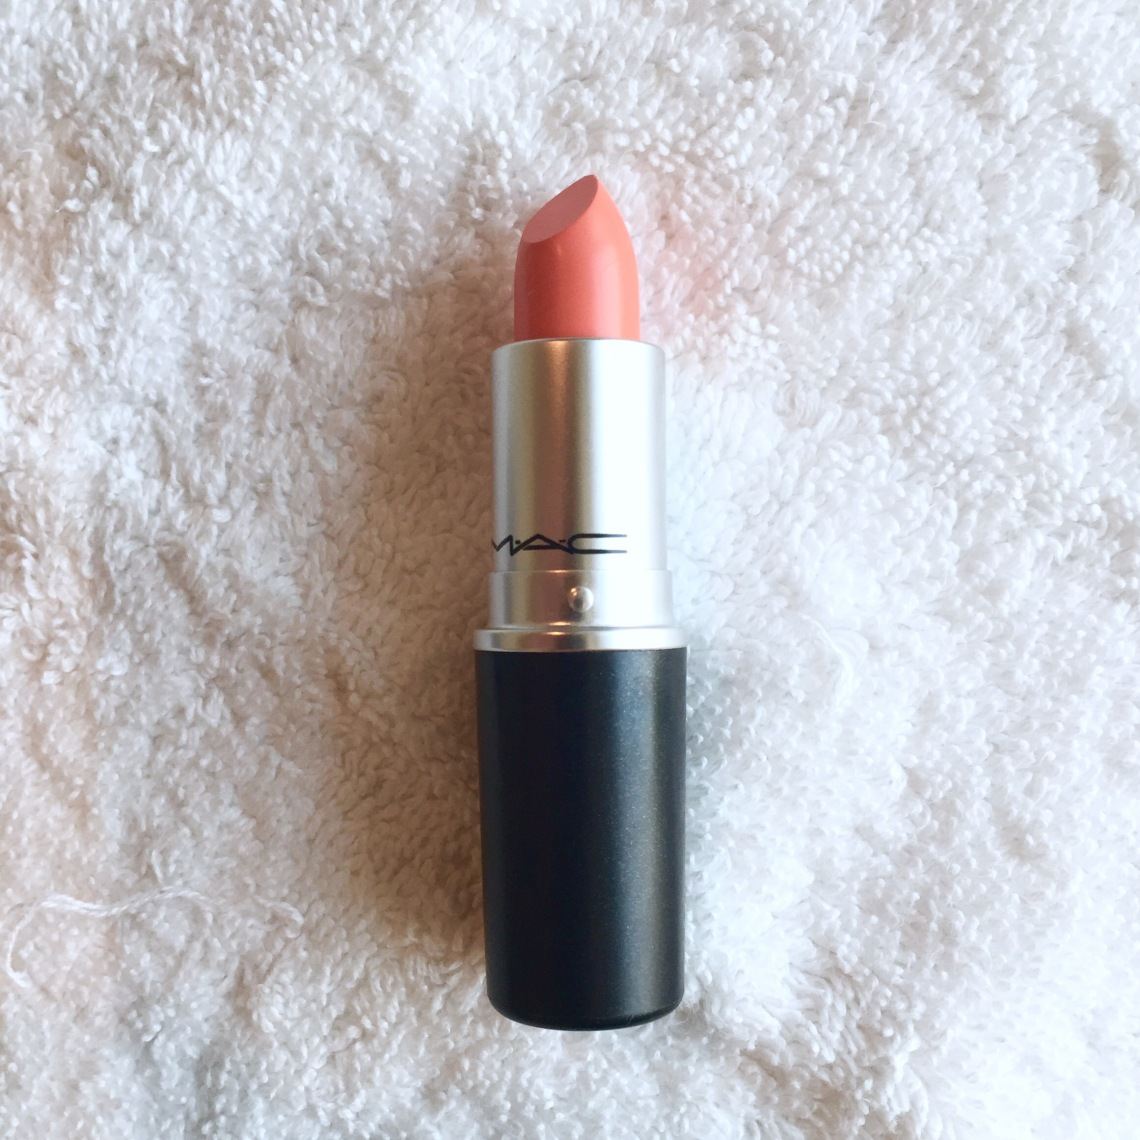 Mac Satin Lipstick in Sushi Kiss